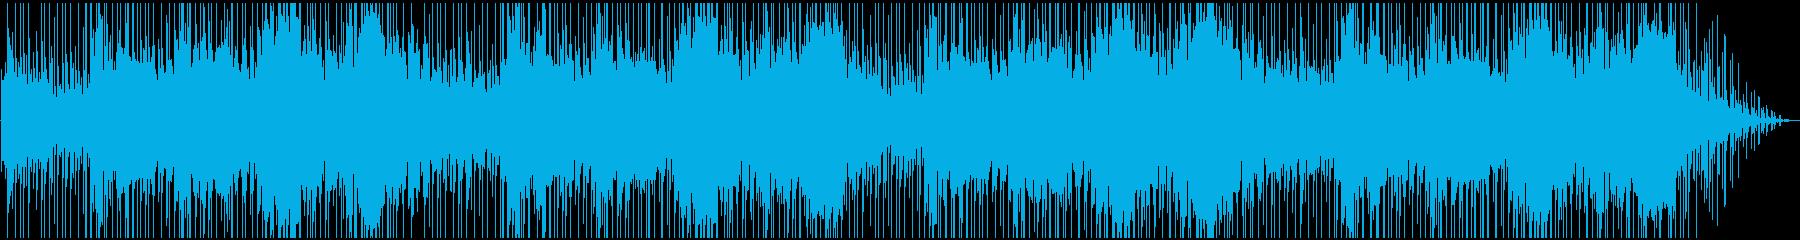 エスニック、インド風BGMの再生済みの波形